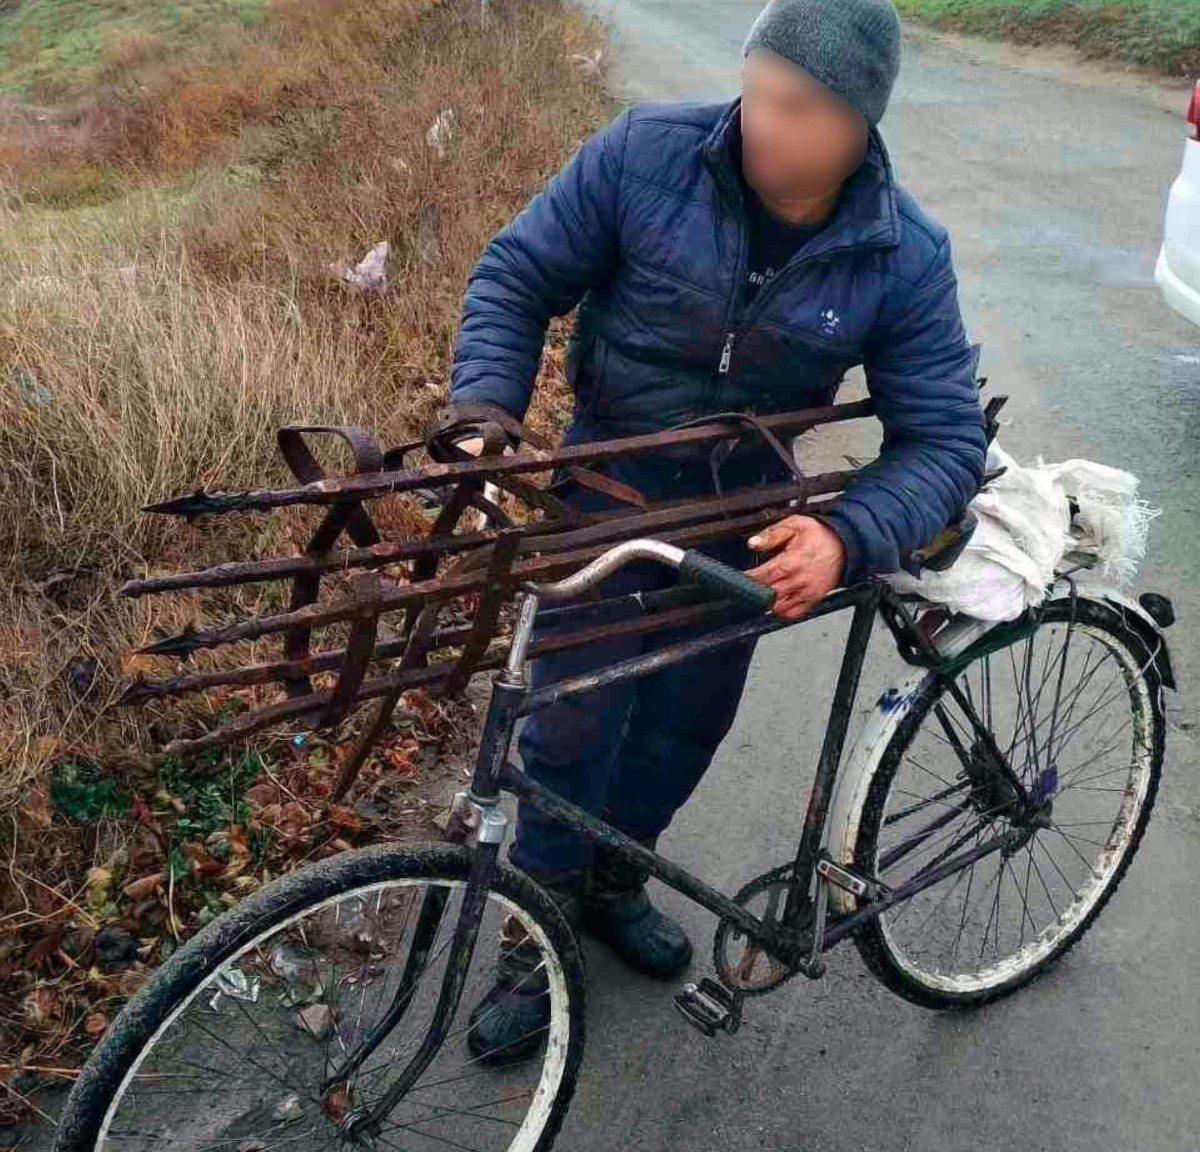 На Херсонщине полицейские задержали местного жителя, который украл могильную ограду